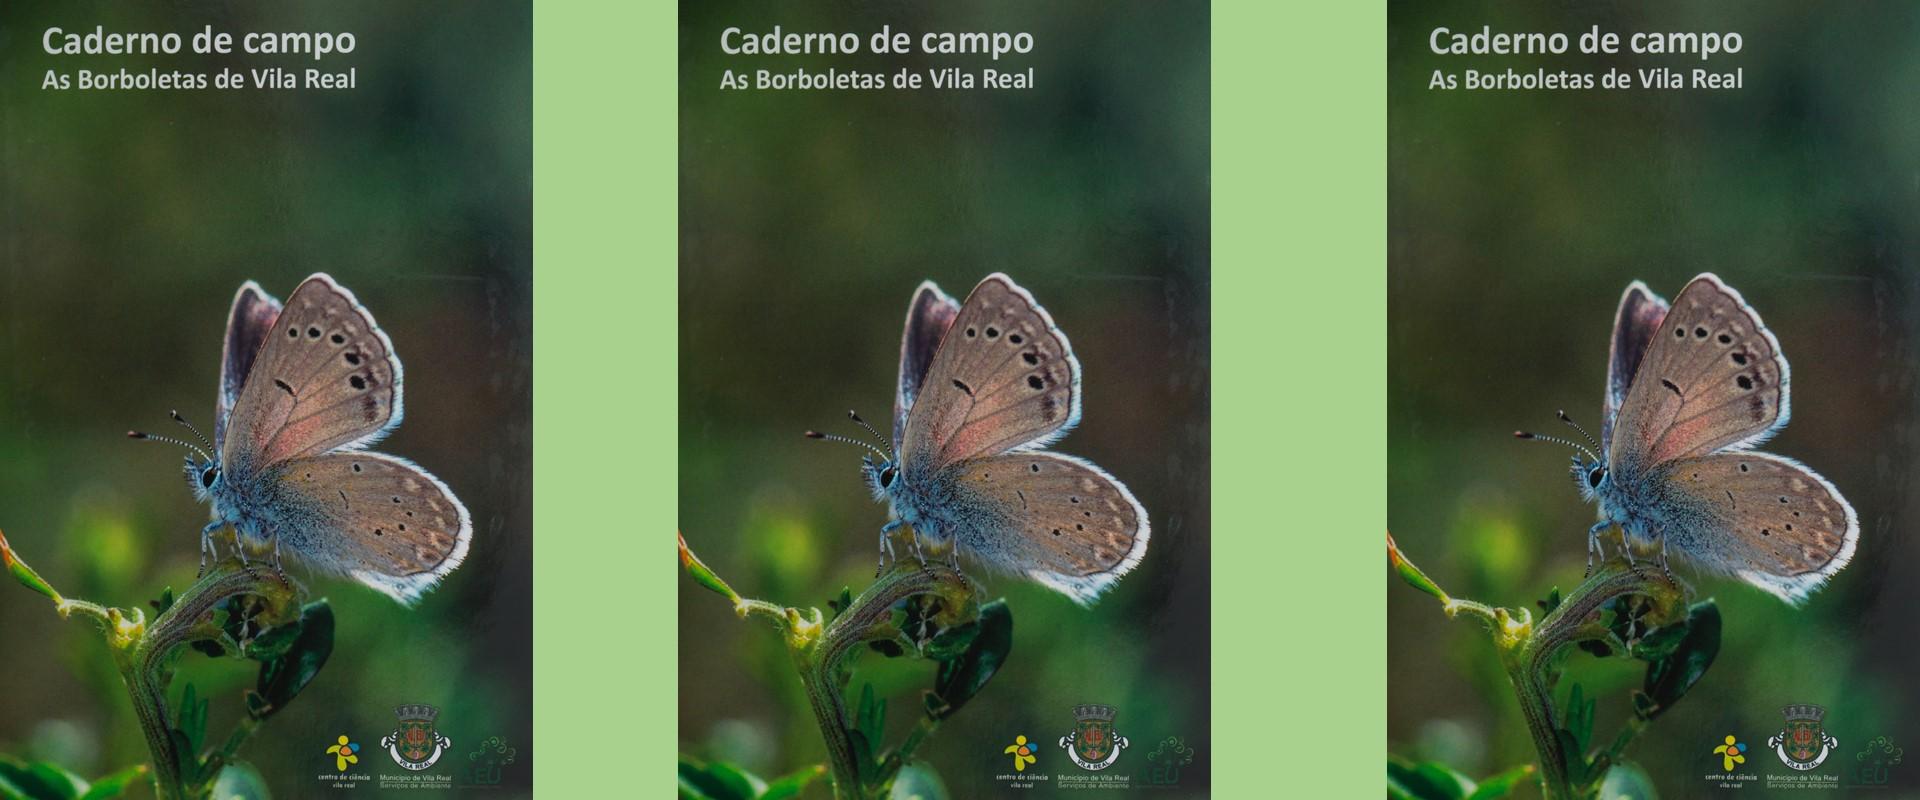 """Caderno de Campo """"As Borboletas de Vila Real"""" já disponível"""